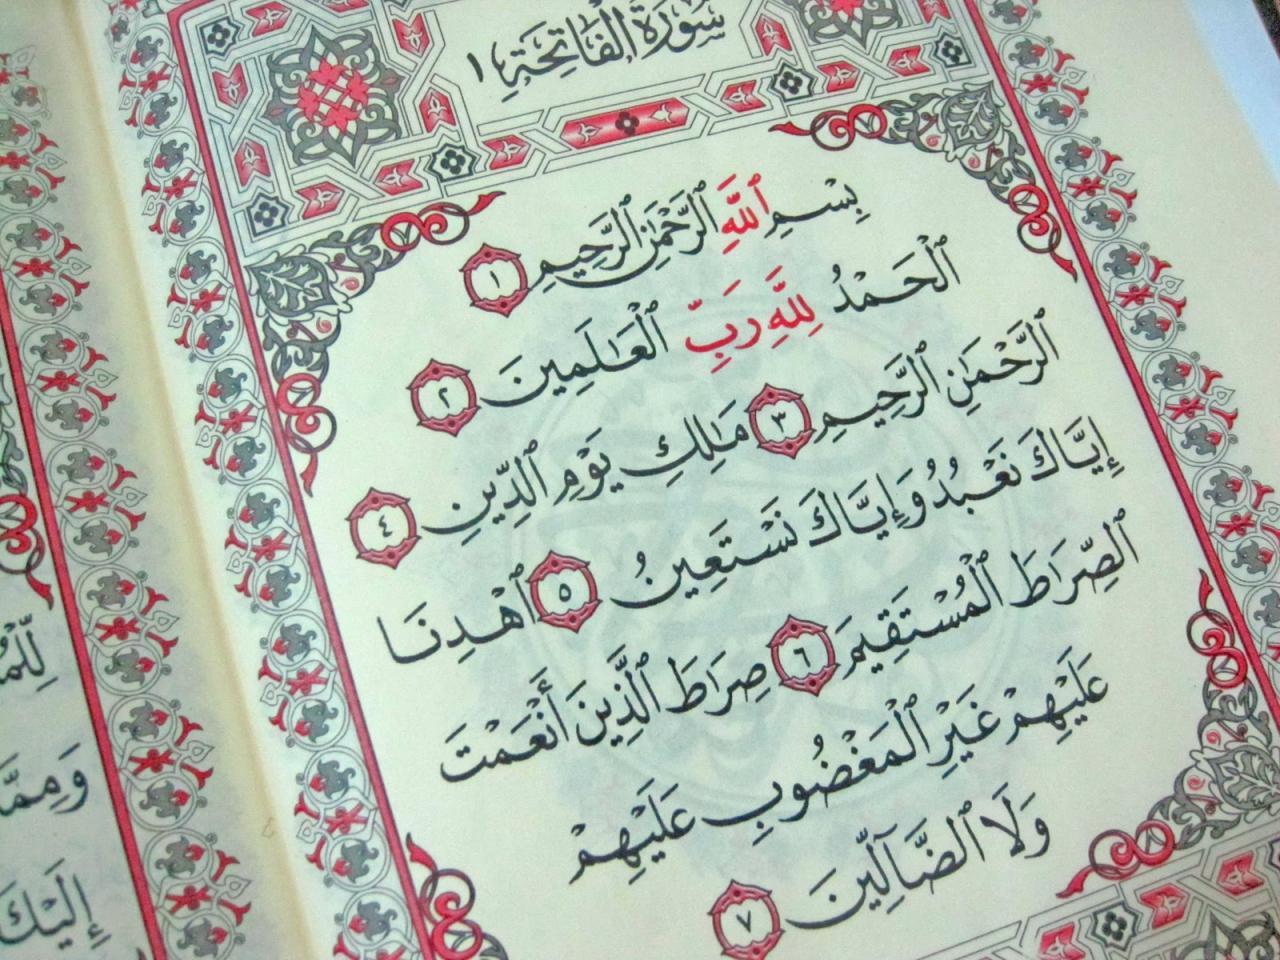 صورة قراءة الفاتحة في المنام , من الاحلام العظيمة